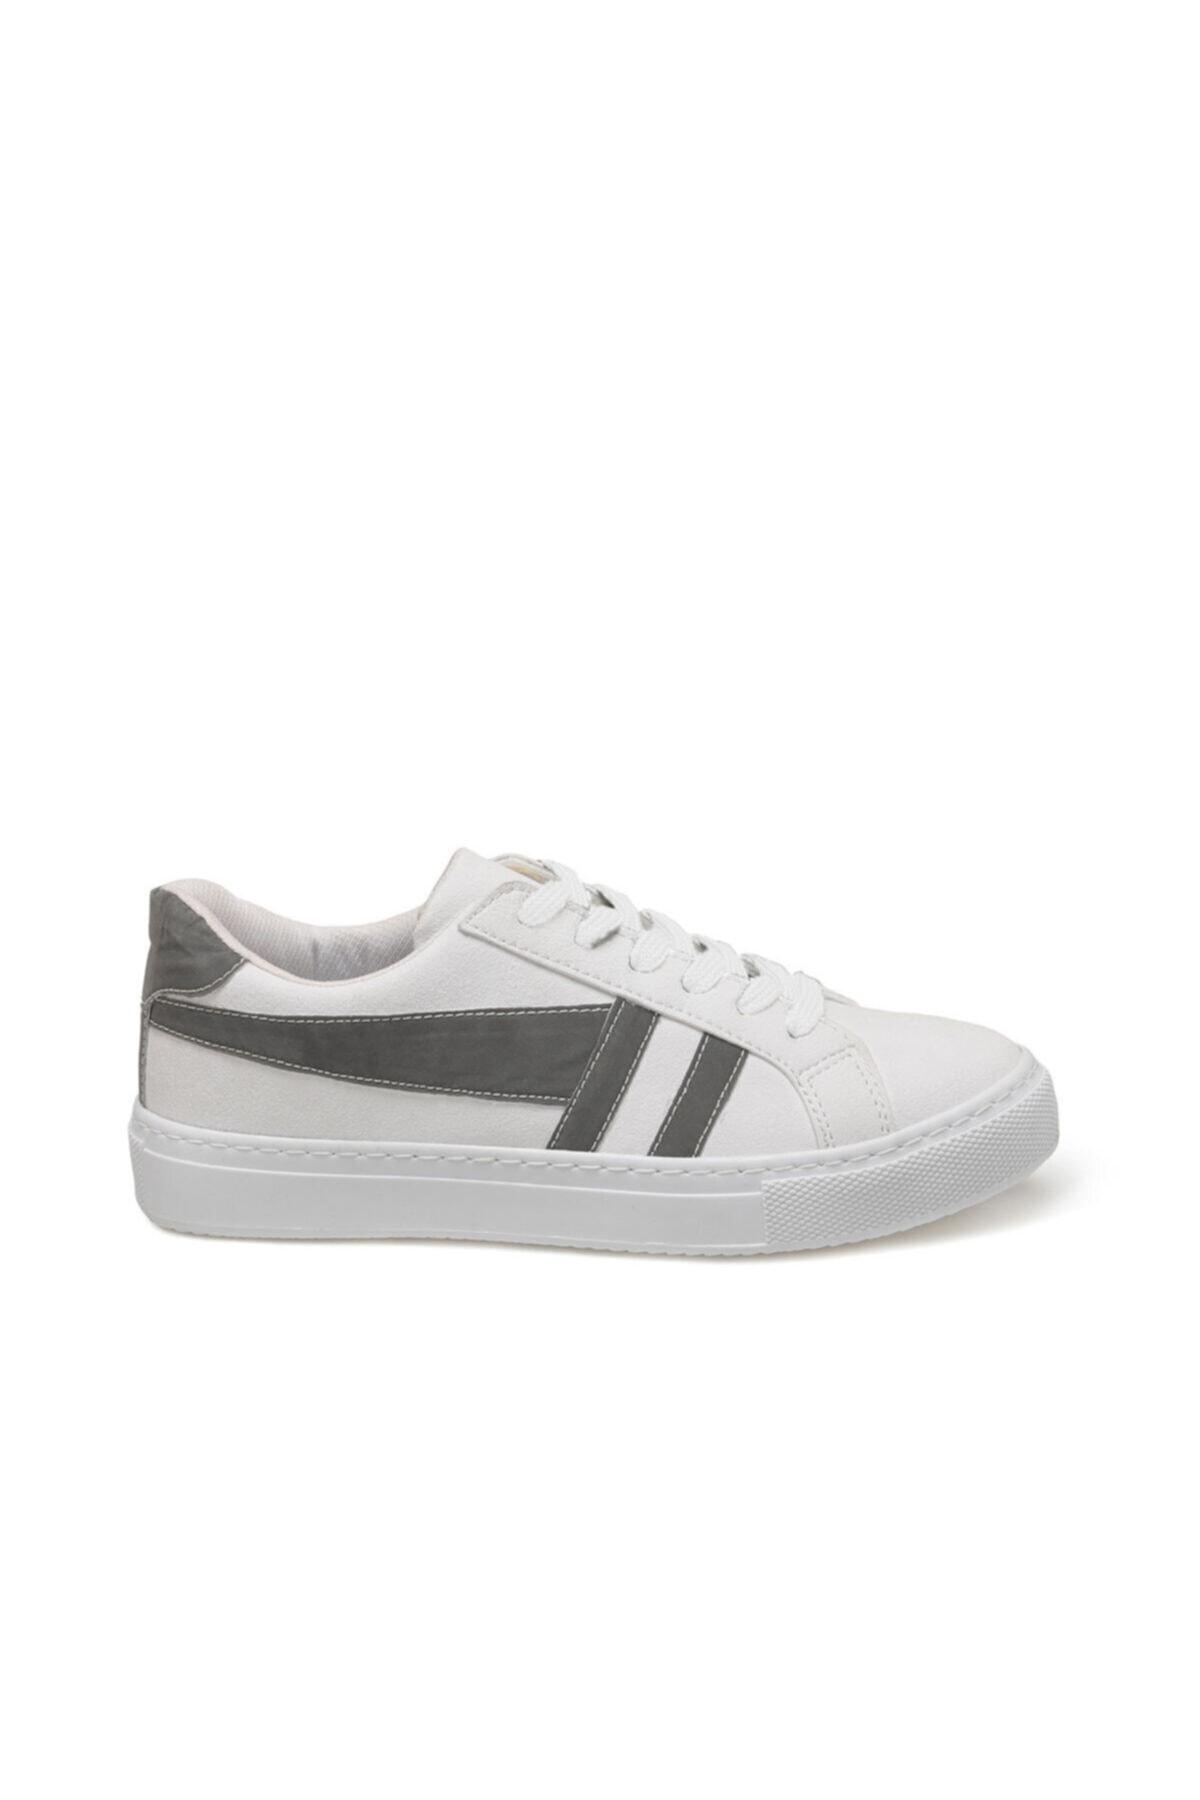 ART BELLA Cs20017 Beyaz Kadın Sneaker Ayakkabı 2